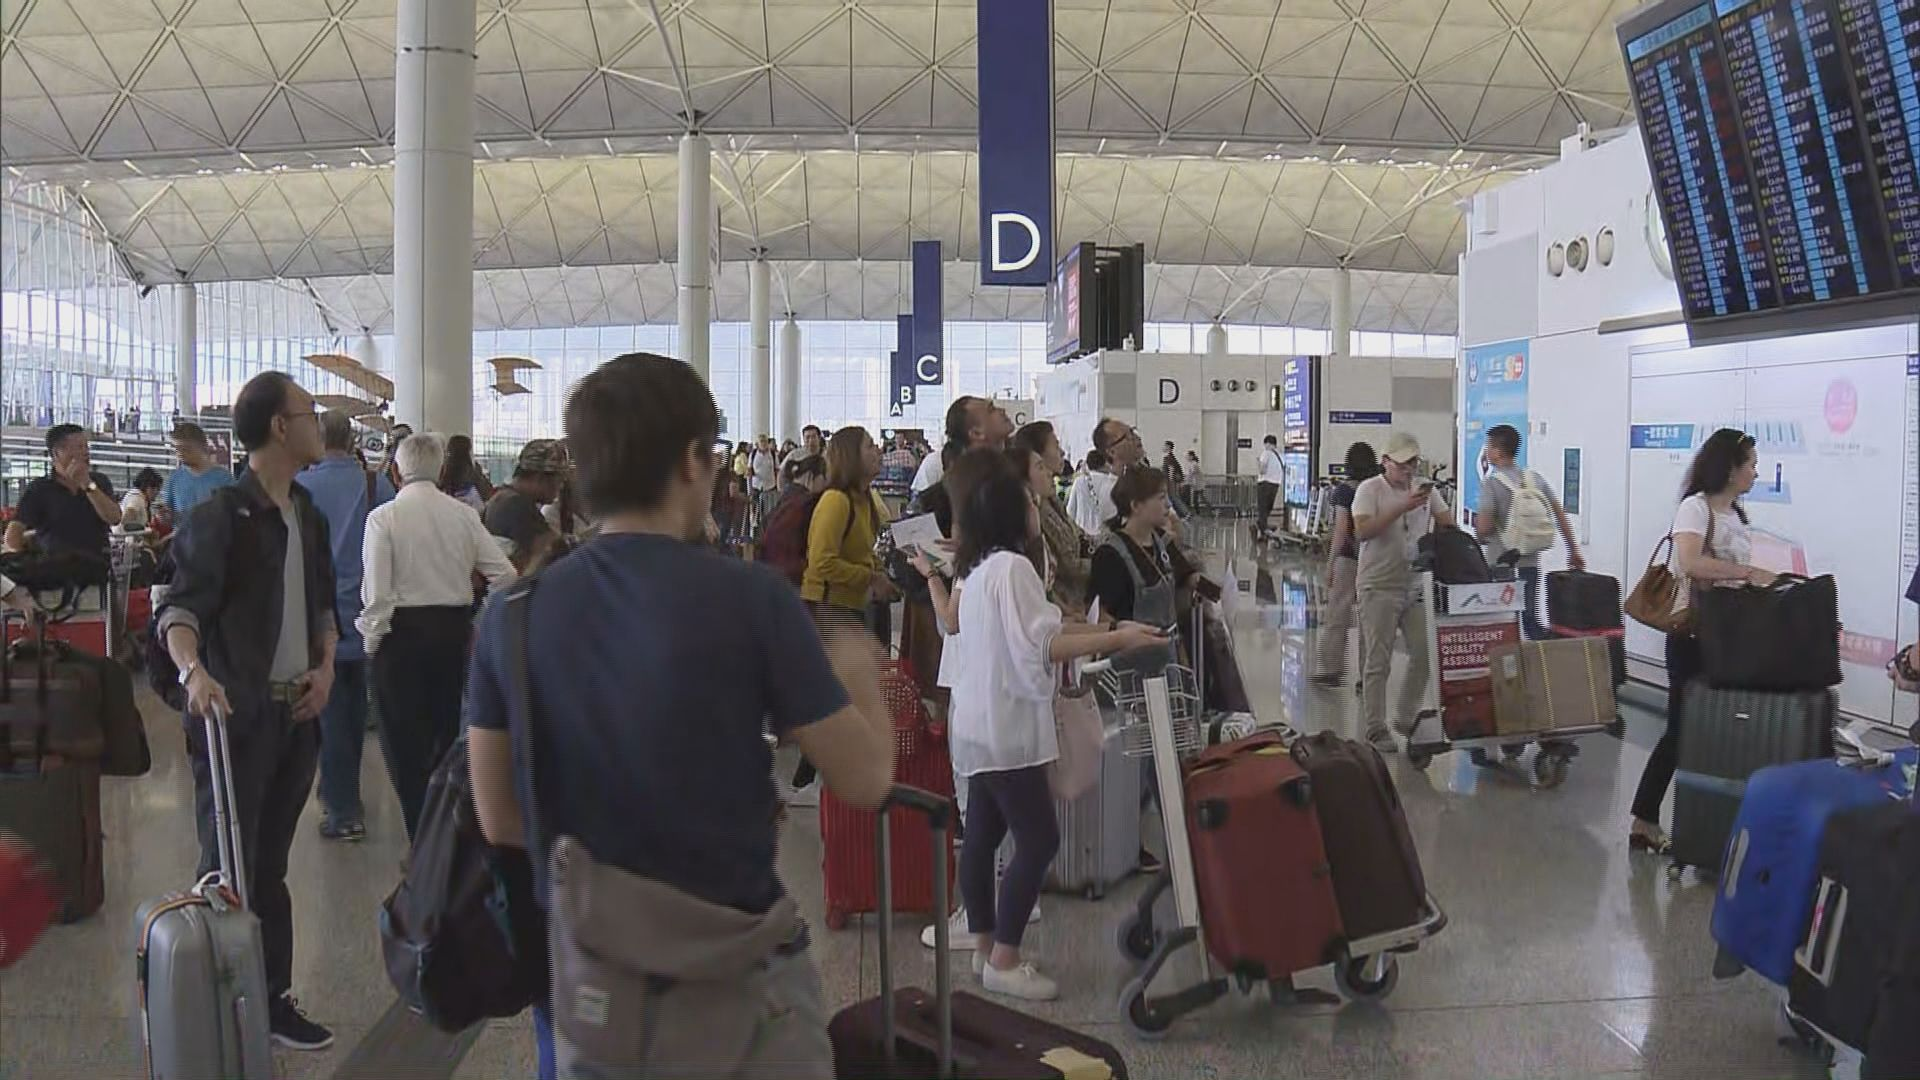 山竹逼近 有旅客選擇提早出發以免旅程受阻